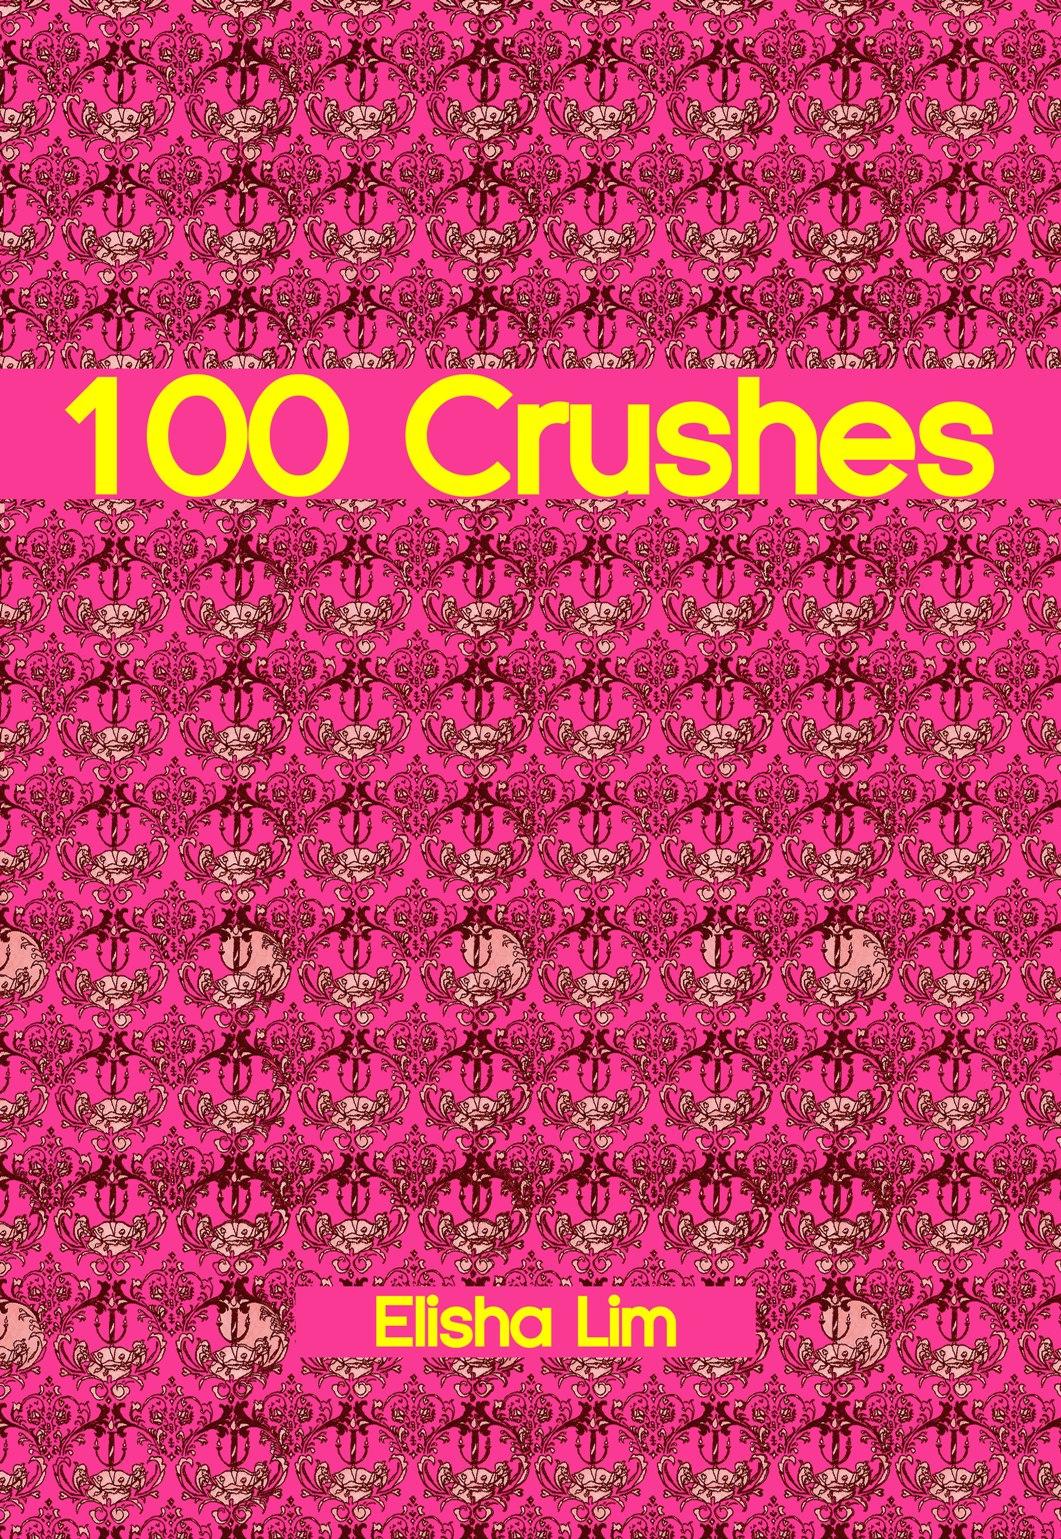 100crush